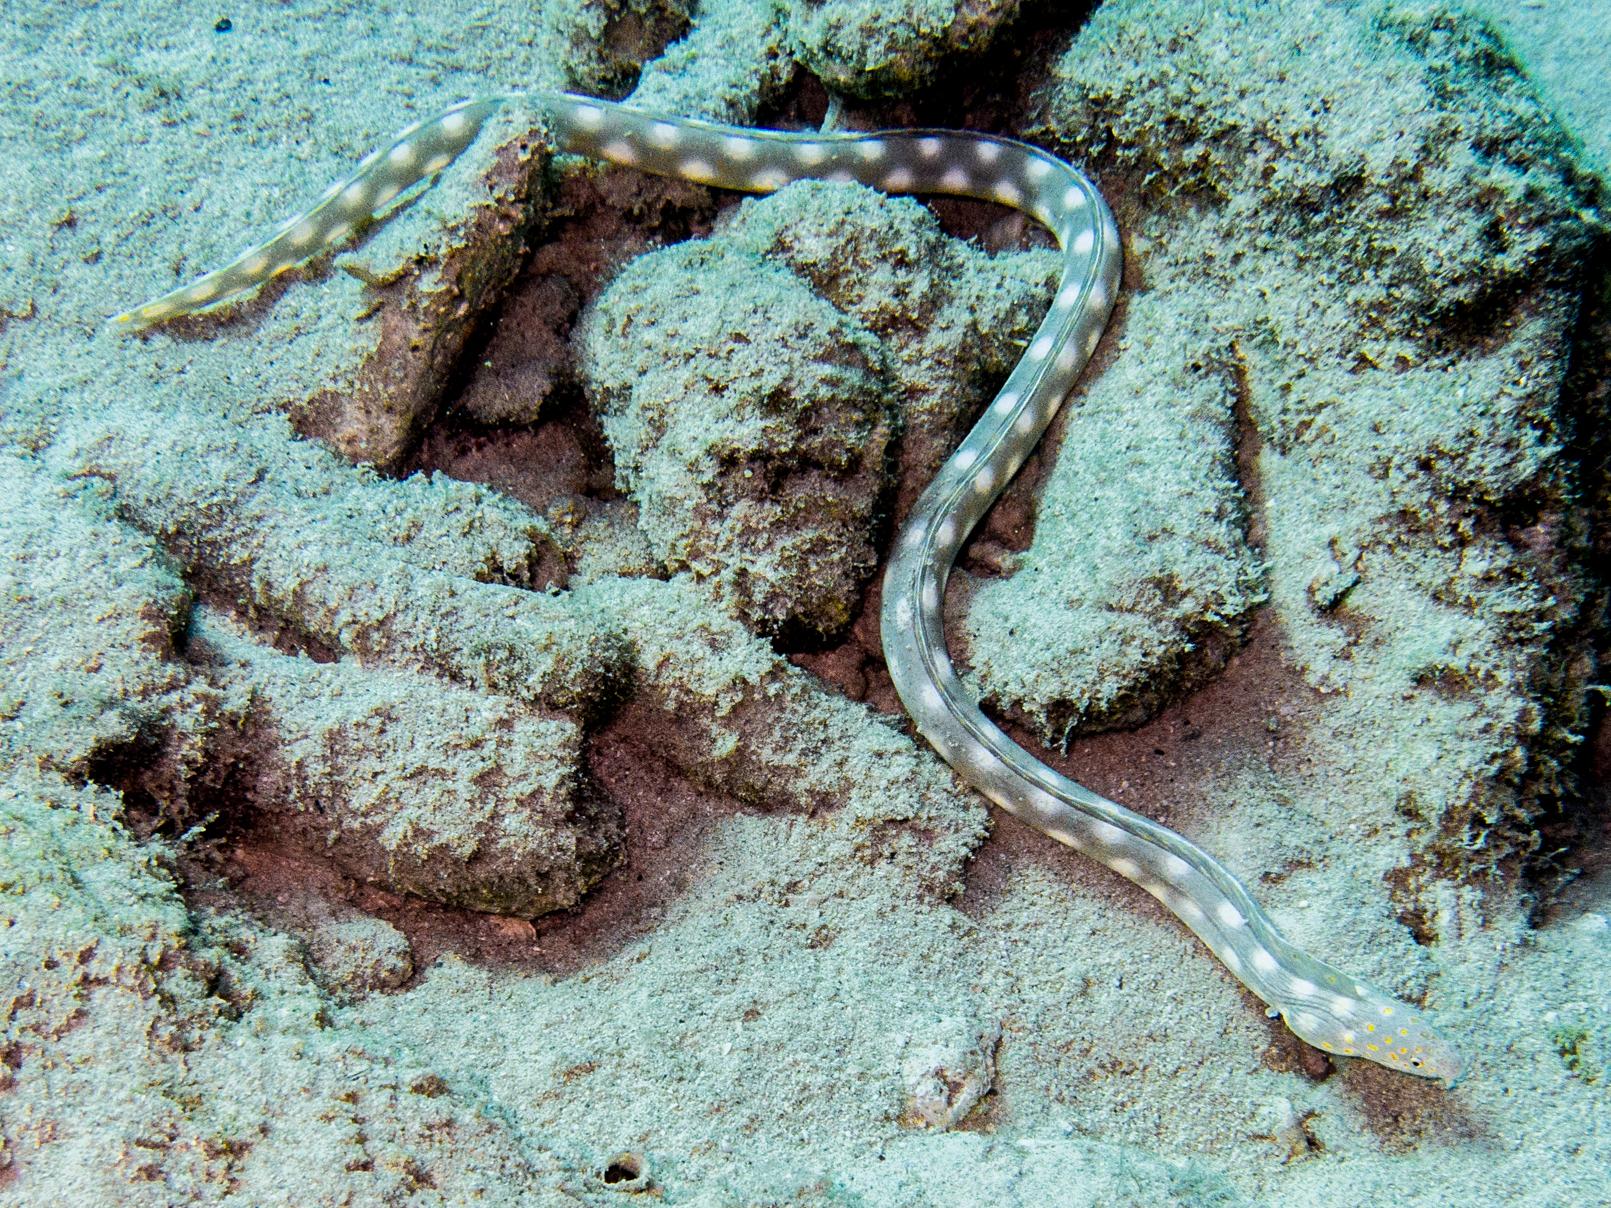 Myrichthys breviceps